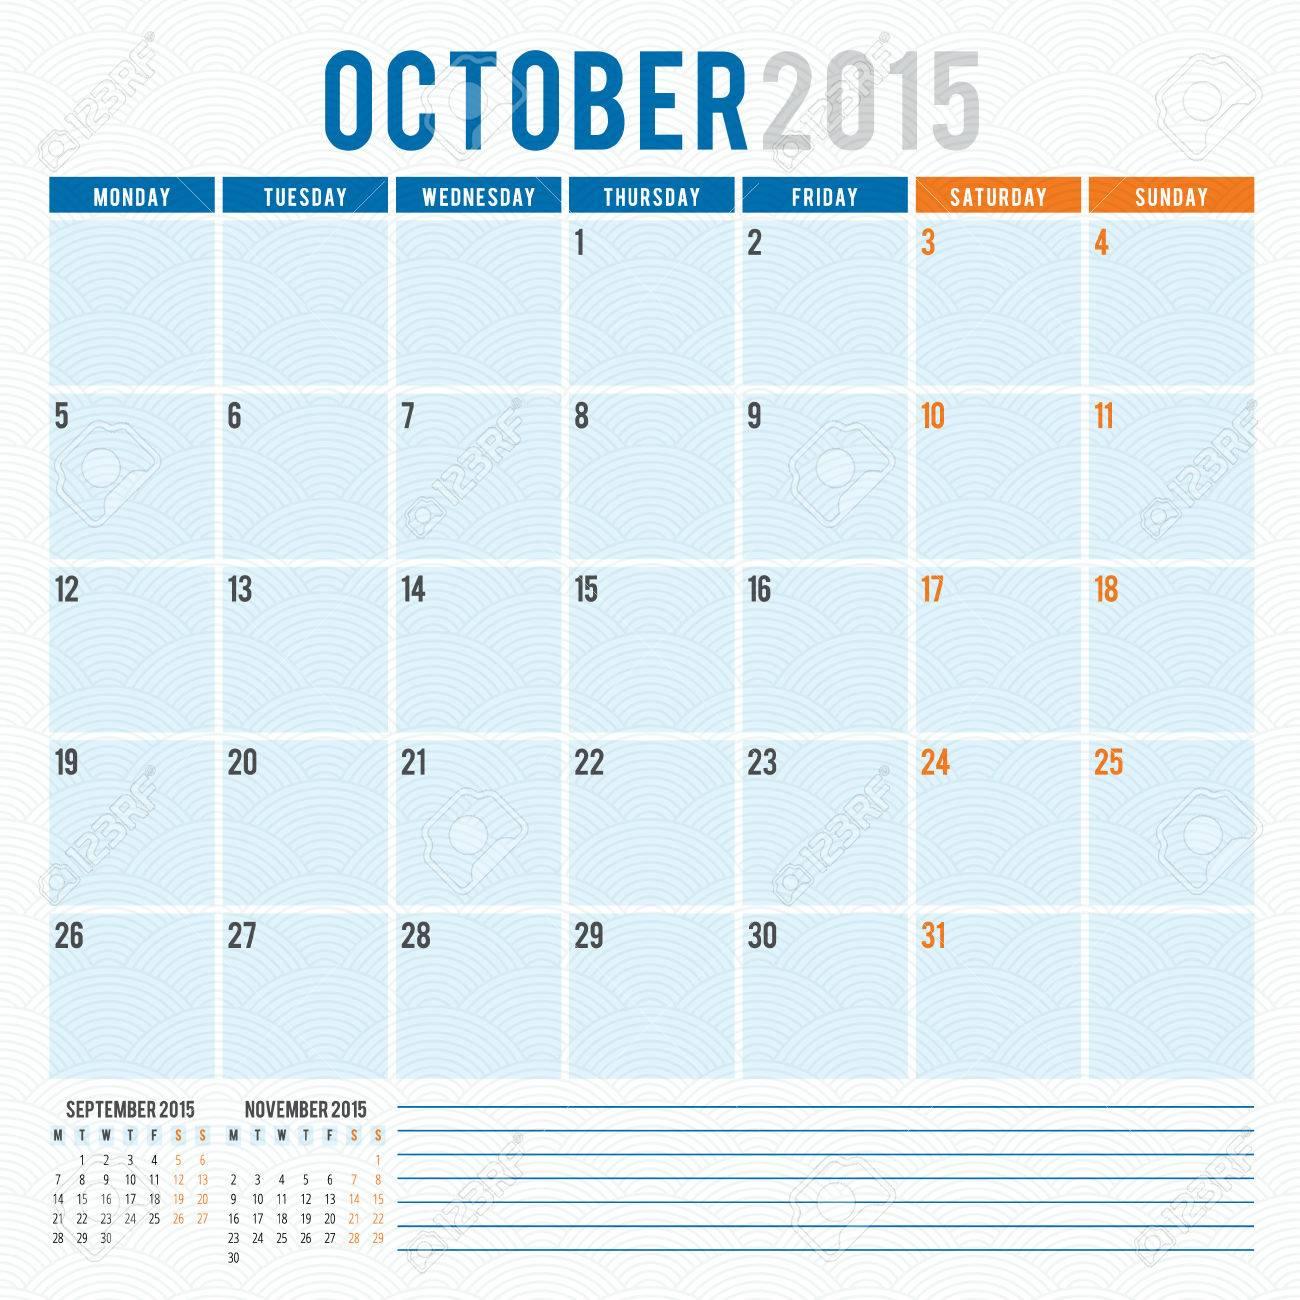 Fein Jahreskalender Planer Vorlage Fotos - Beispielzusammenfassung ...